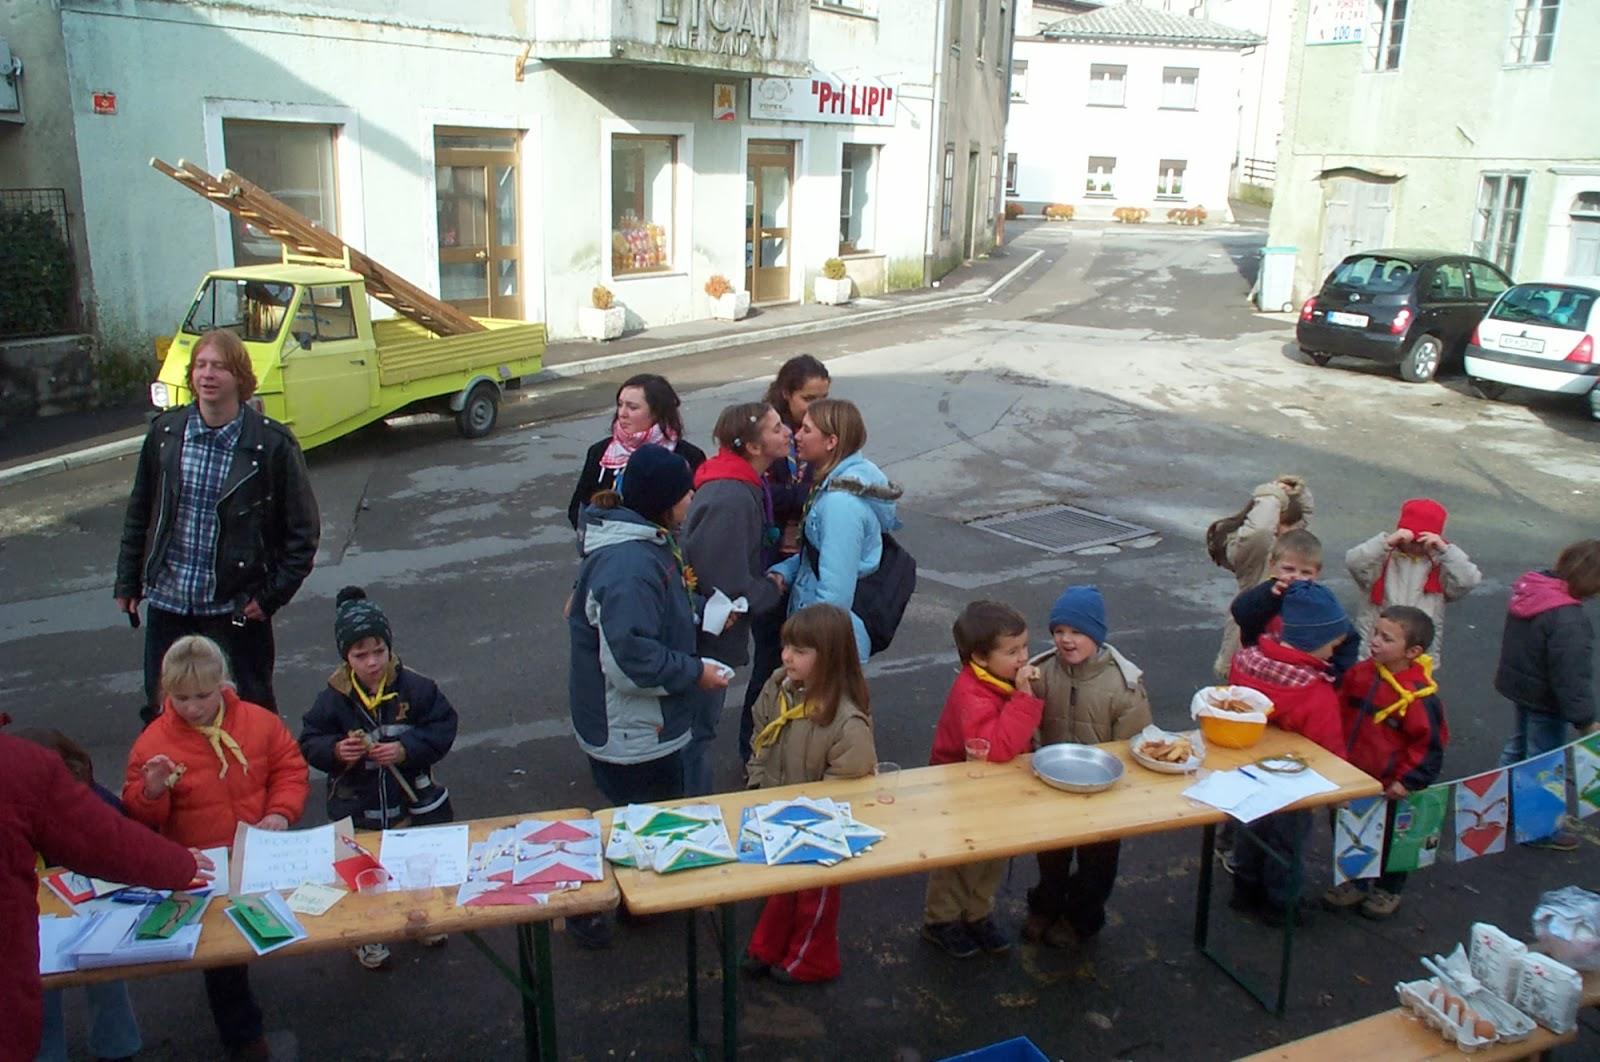 Taborniško druženje, Ilirska Bistrica 2004 - Tabornis%25CC%258Cko%2Bdruz%25CC%258Cenje%2B2004%2B010.jpg